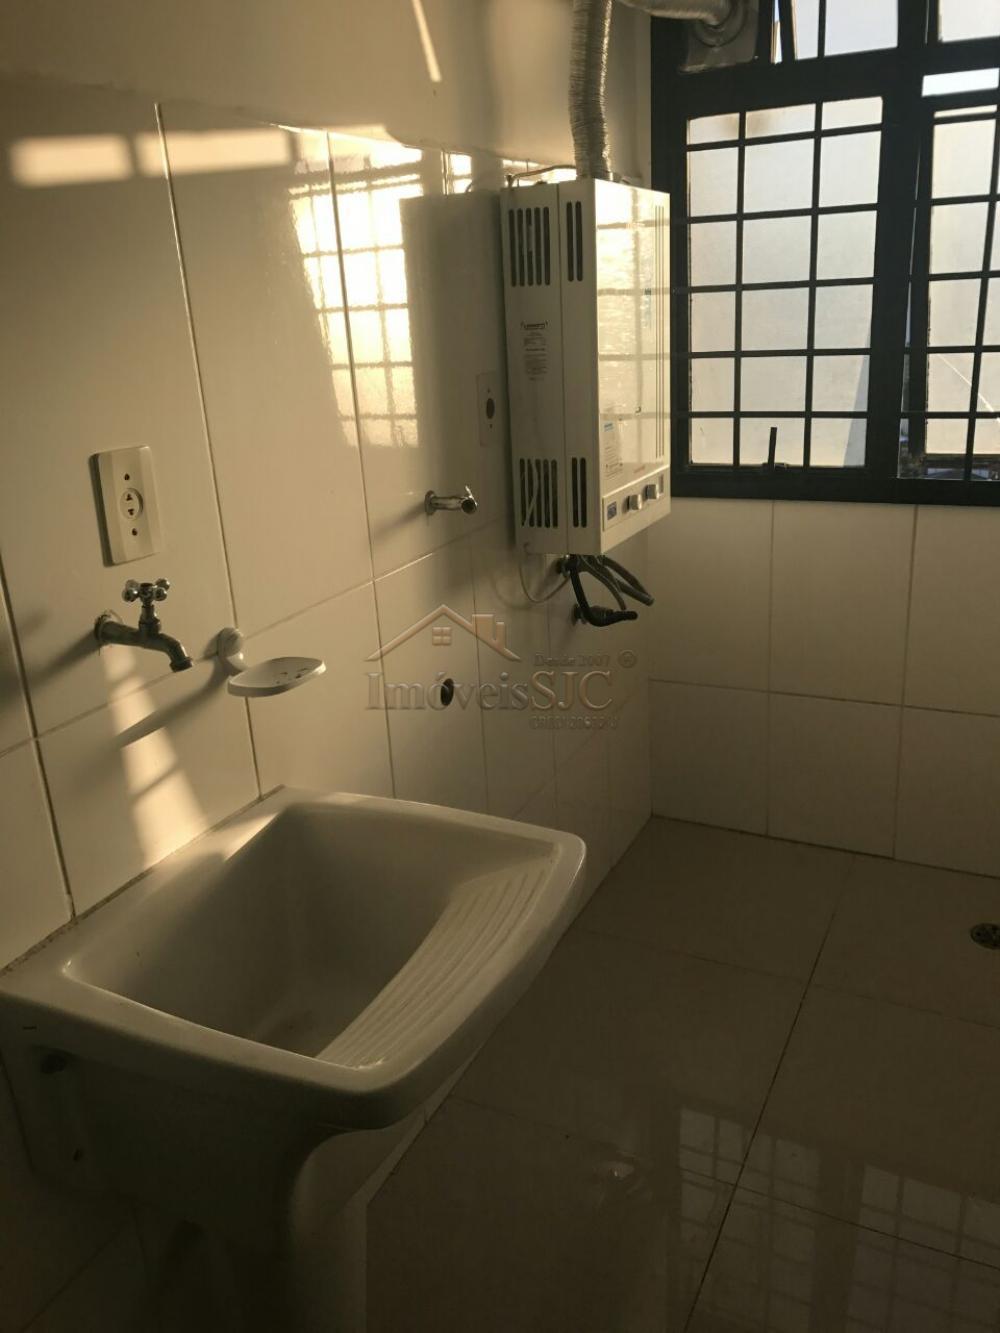 Comprar Apartamentos / Padrão em São José dos Campos apenas R$ 315.000,00 - Foto 8